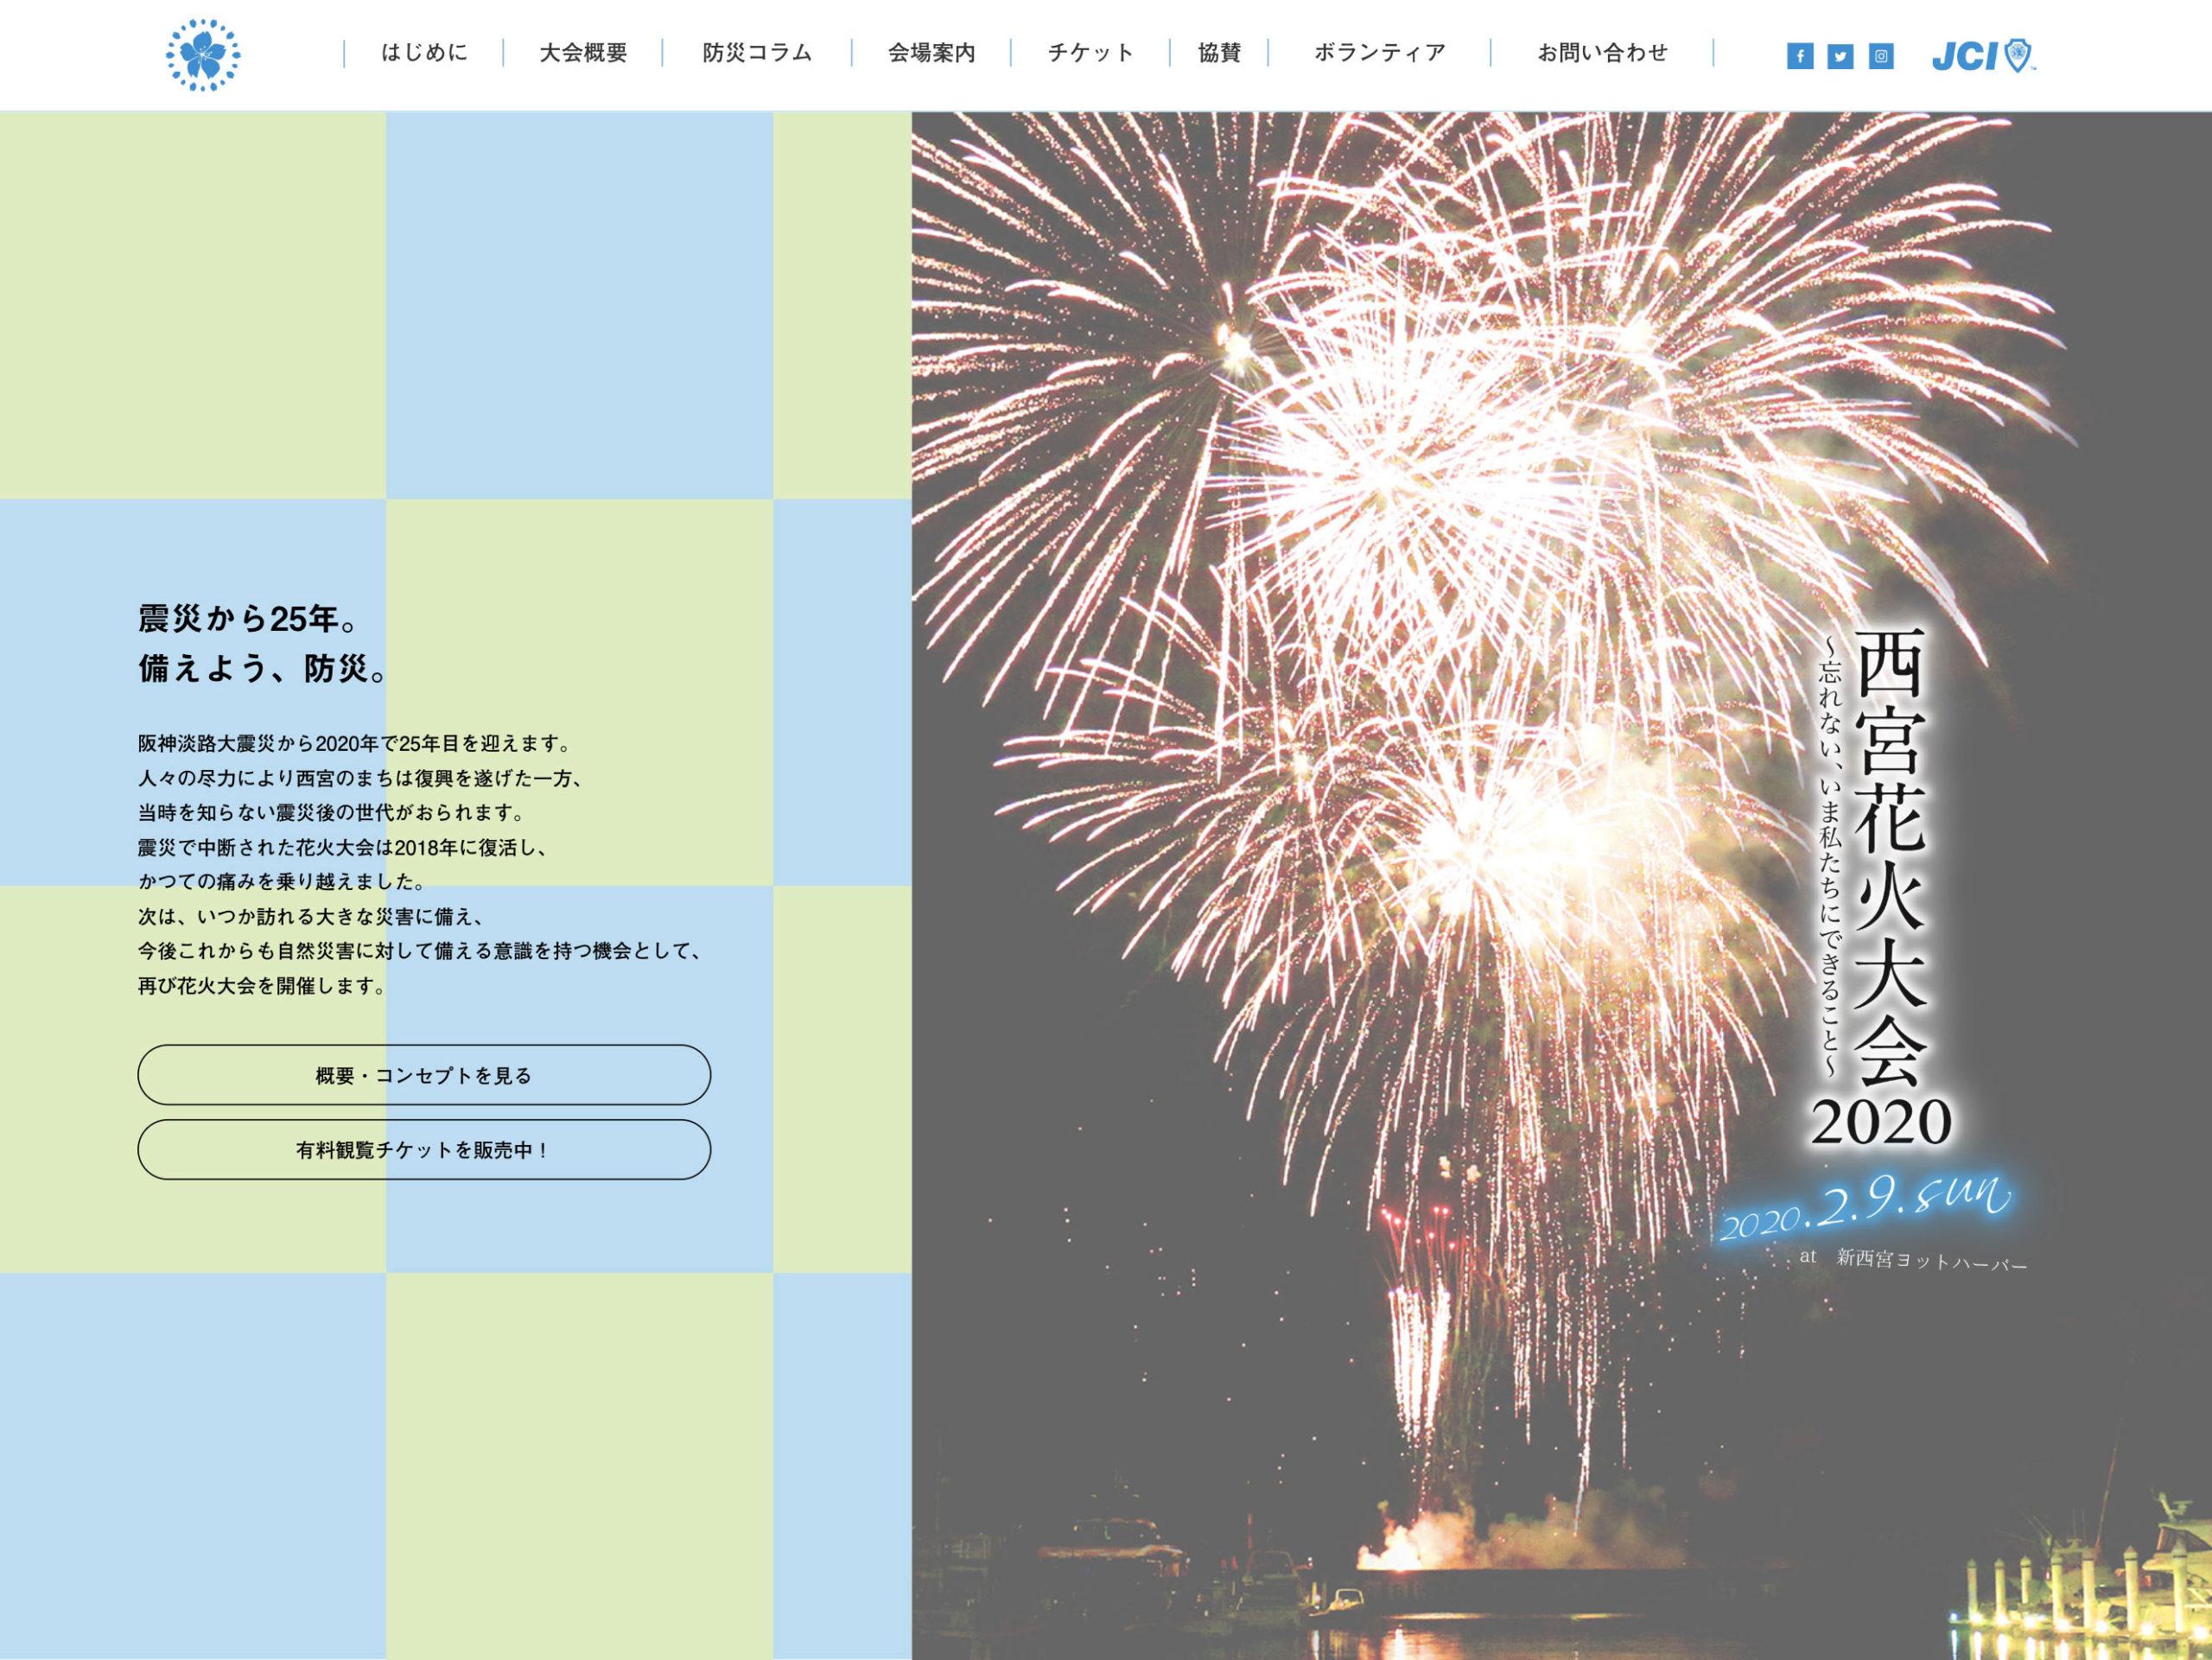 西宮花火大会2020 webサイト